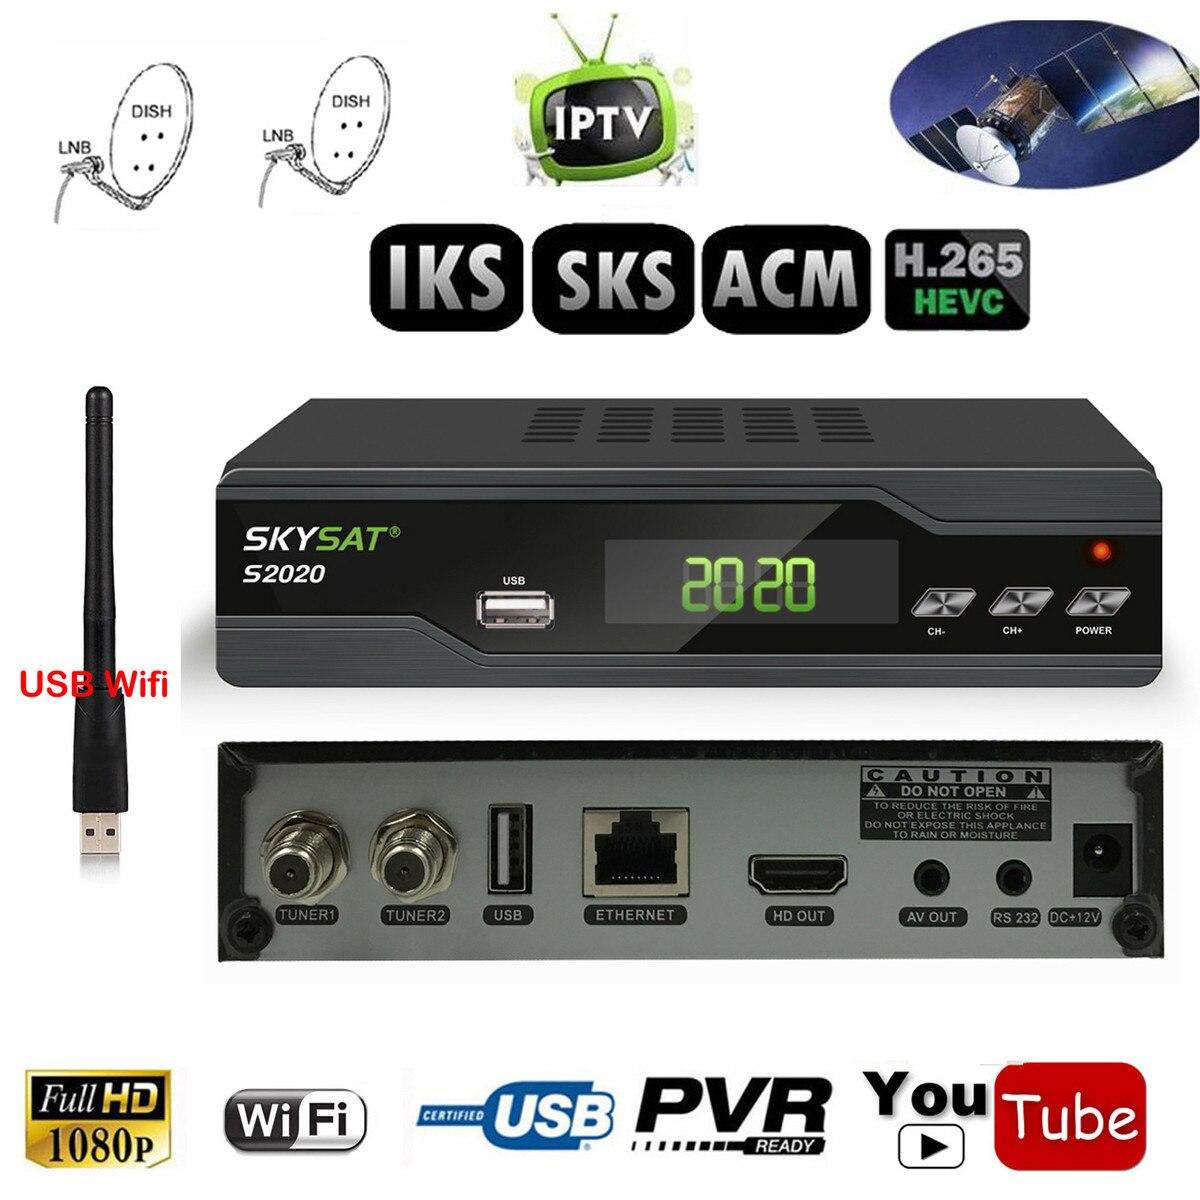 Twin Tuner IKS SKS H.265 ACM IPTV Ricevitore Satellitare per il Sud America Europa Medio Oriente Asia IKS Cccam di Sostegno Wifi 3G CS DLNA